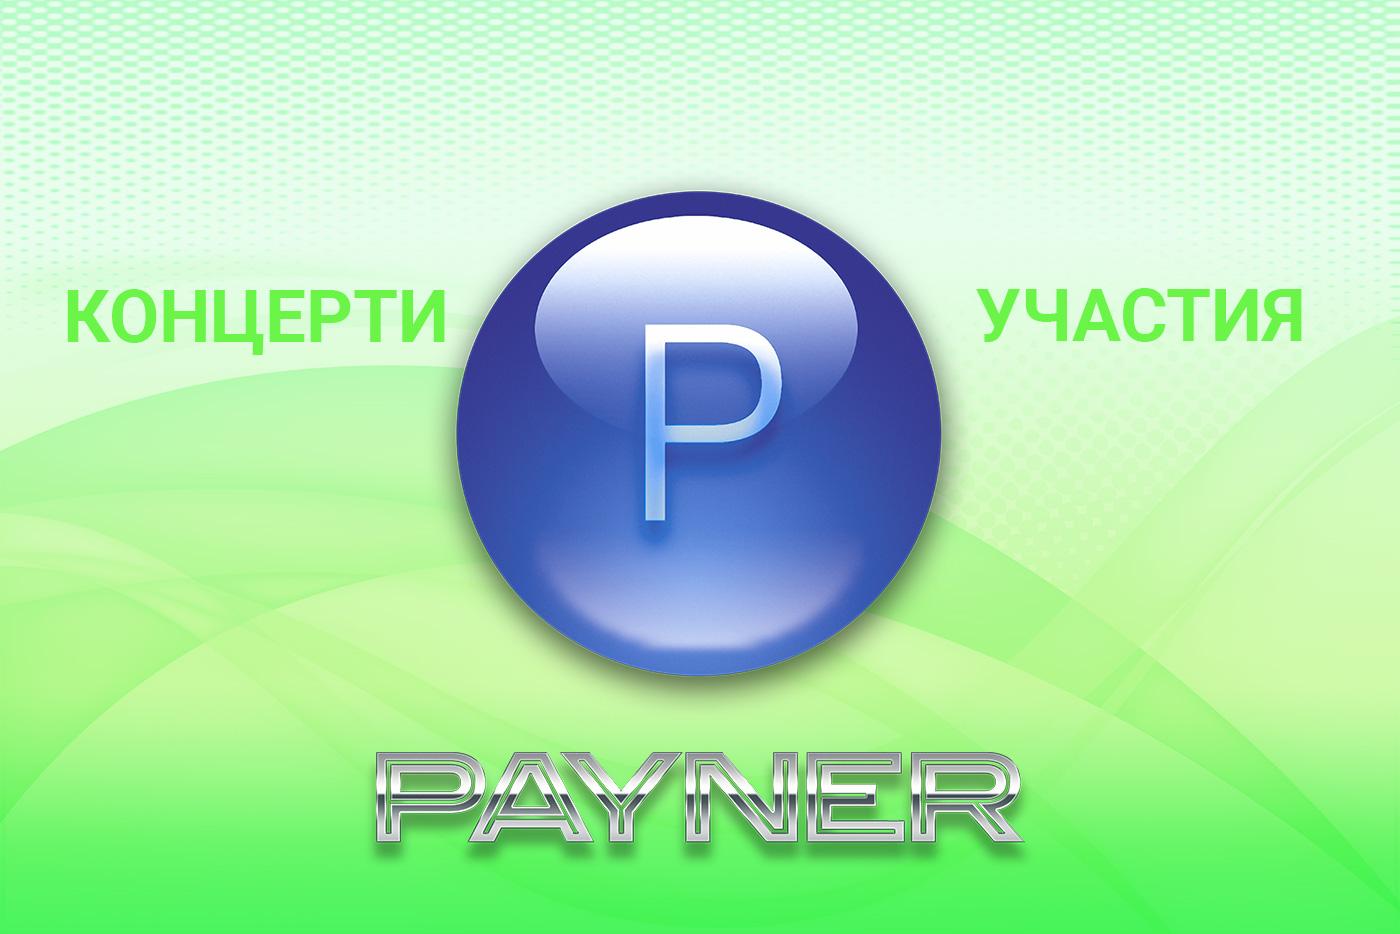 """Участия на звездите на """"Пайнер"""" на 21.11.2019"""